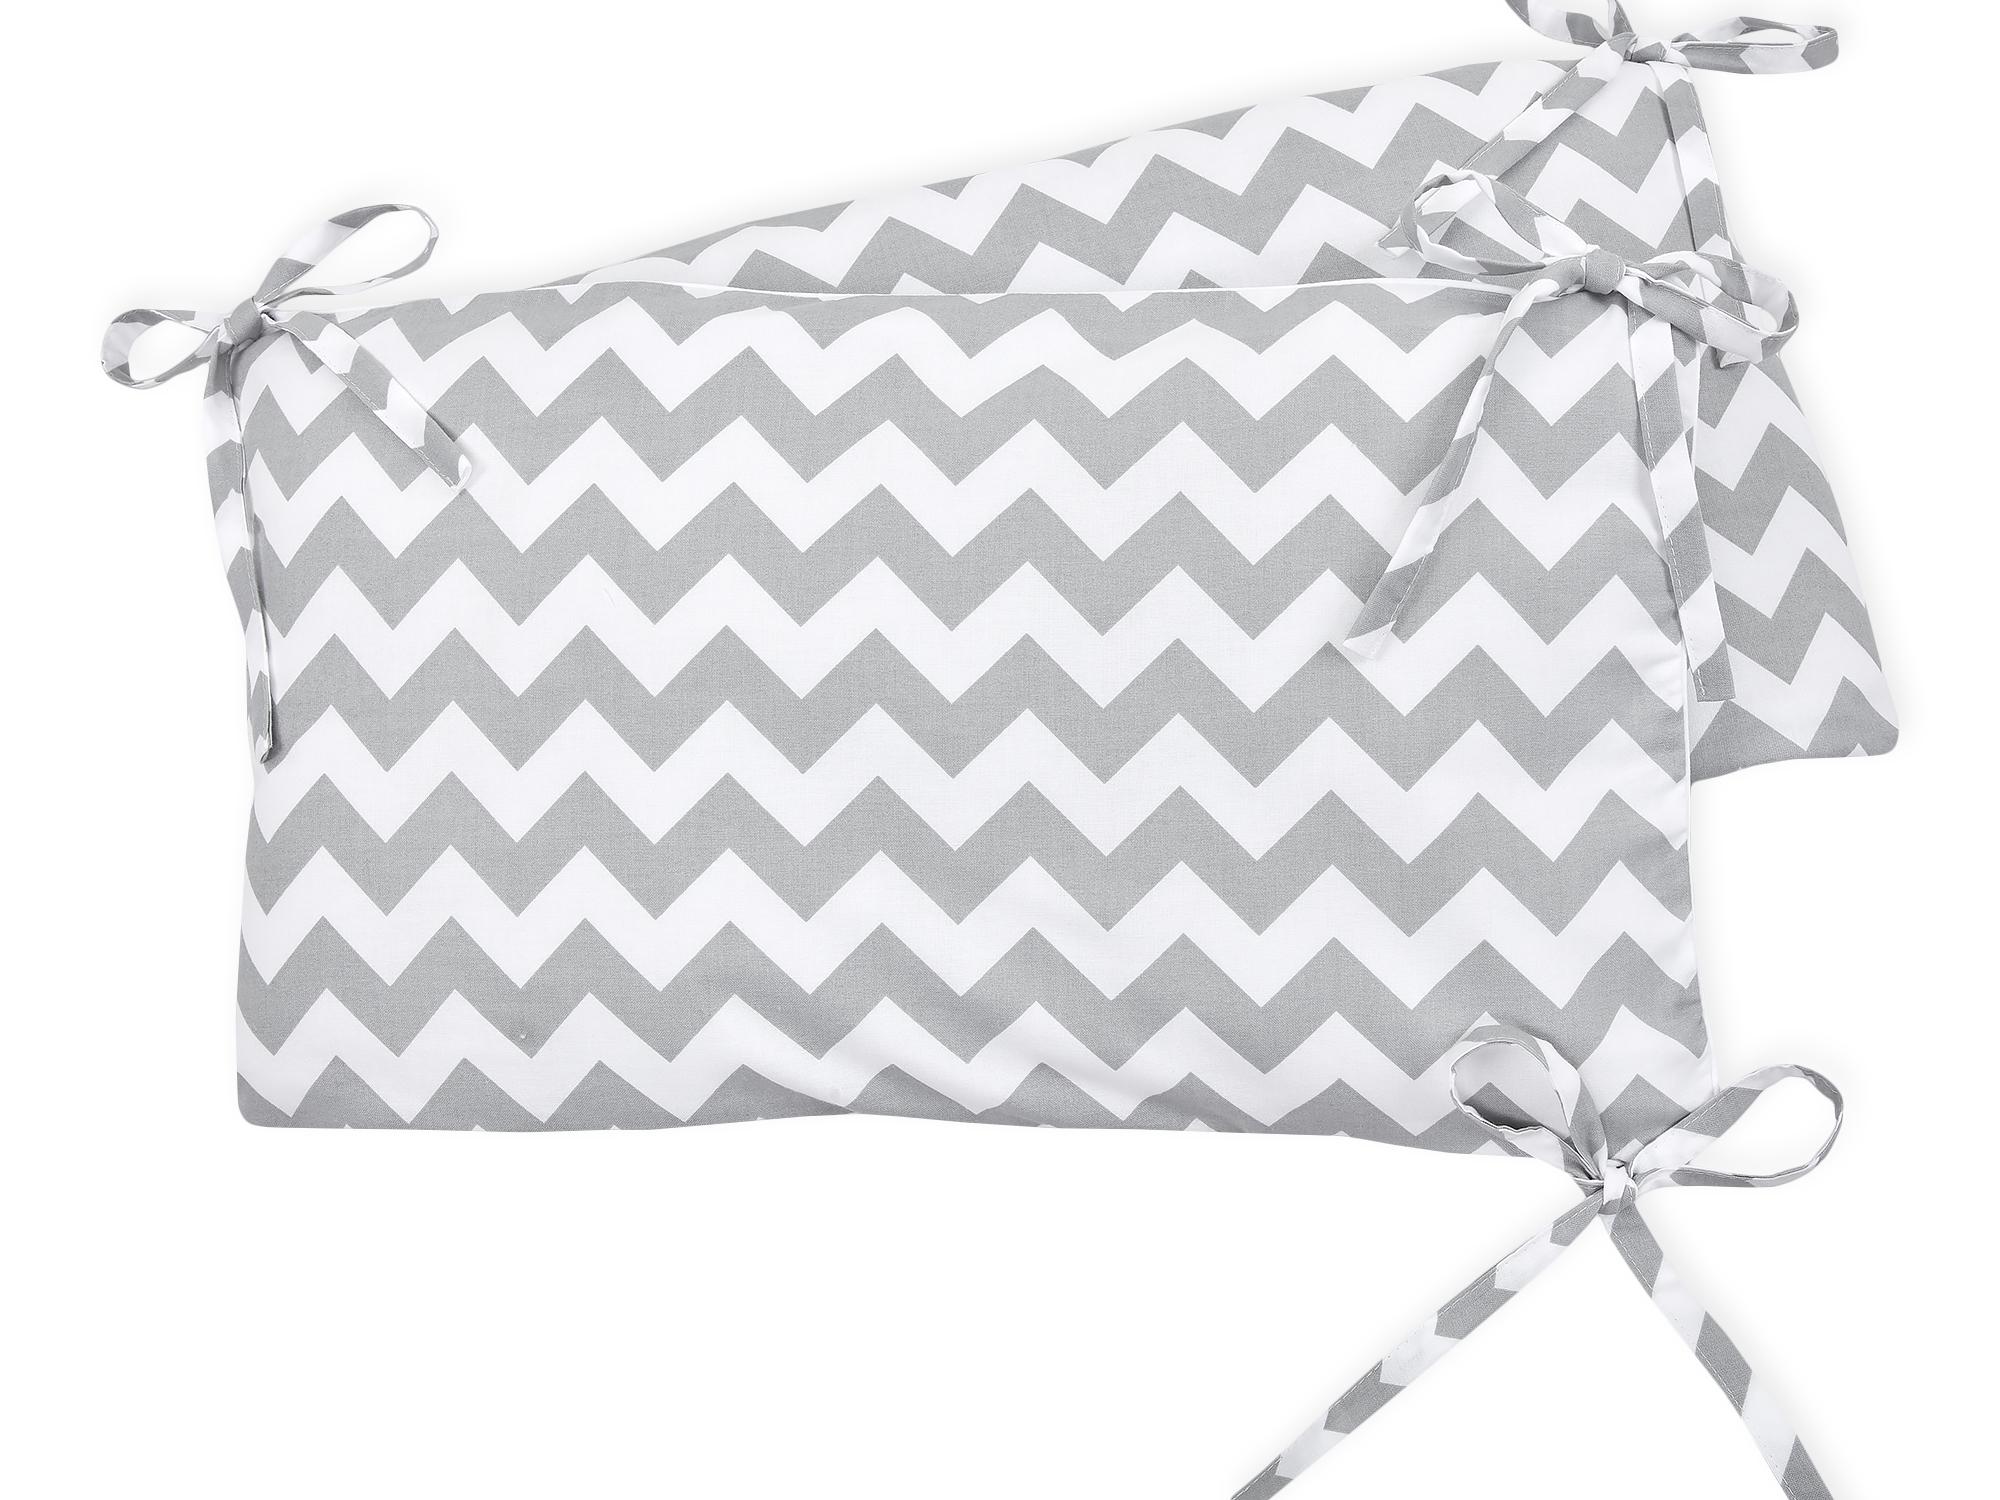 KraftKids Nestchen Chevron grau Nestchenlänge 60-70-60 cm für Bettgröße 140 x 70 cm